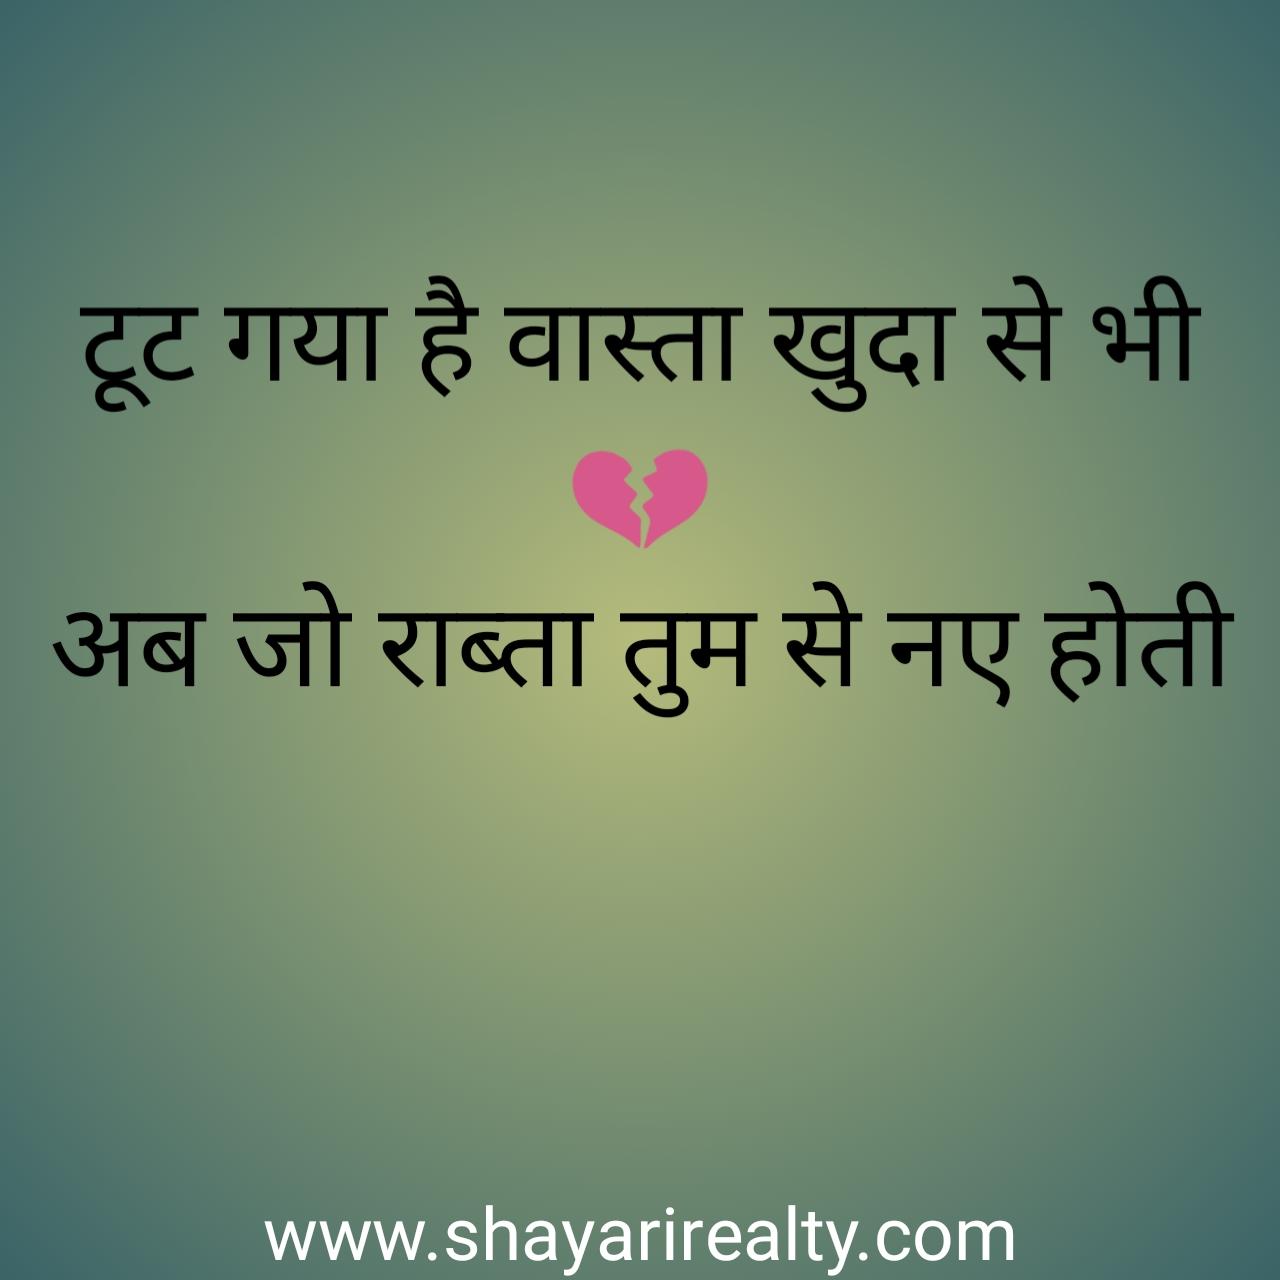 Sad shayari, sad shayari in Hindi, shayari,